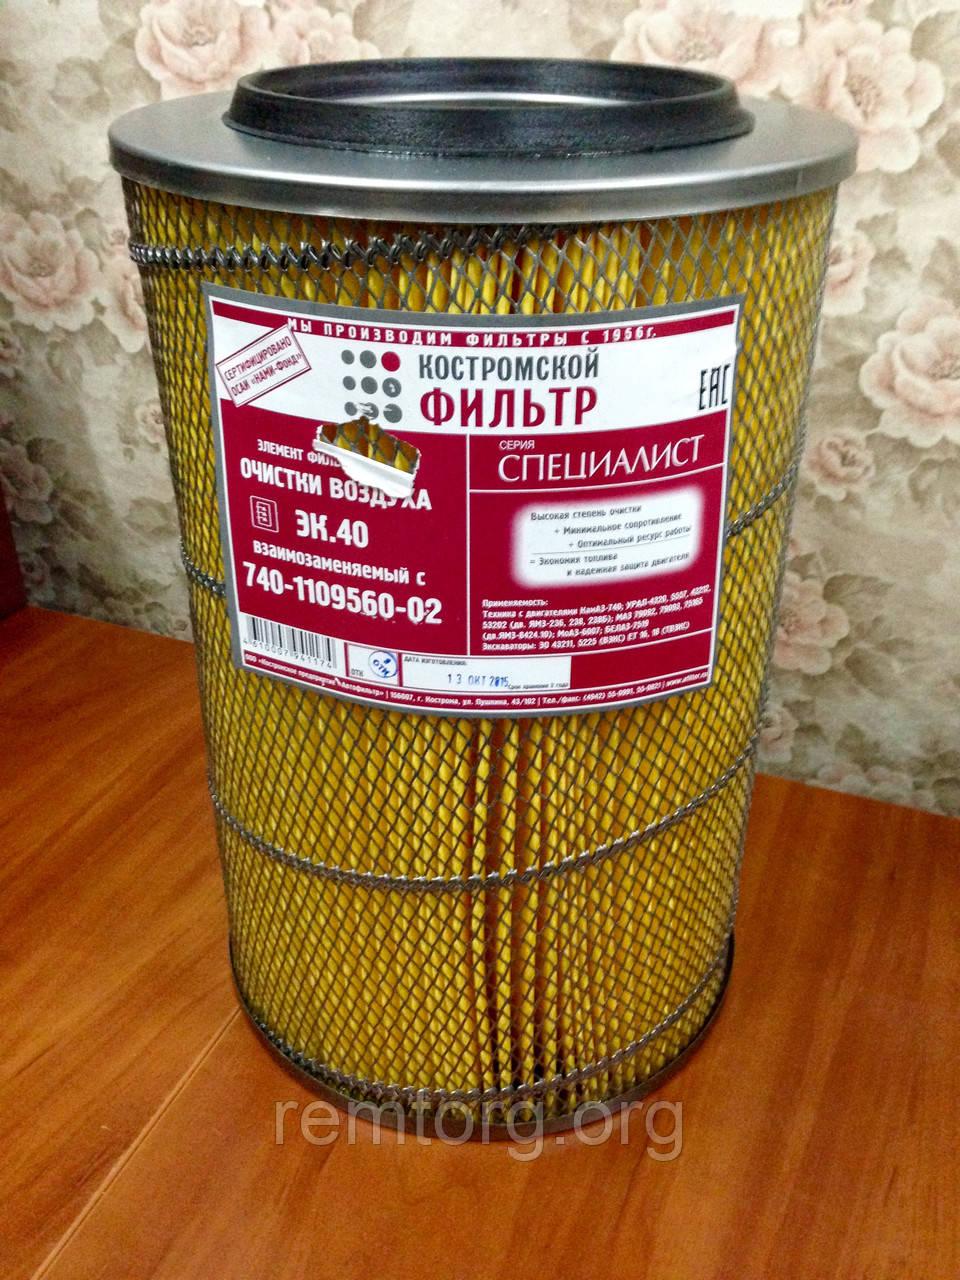 Элемент фильтрующий очистки воздуха  КАМАЗ, 740-1109560-02, Киев